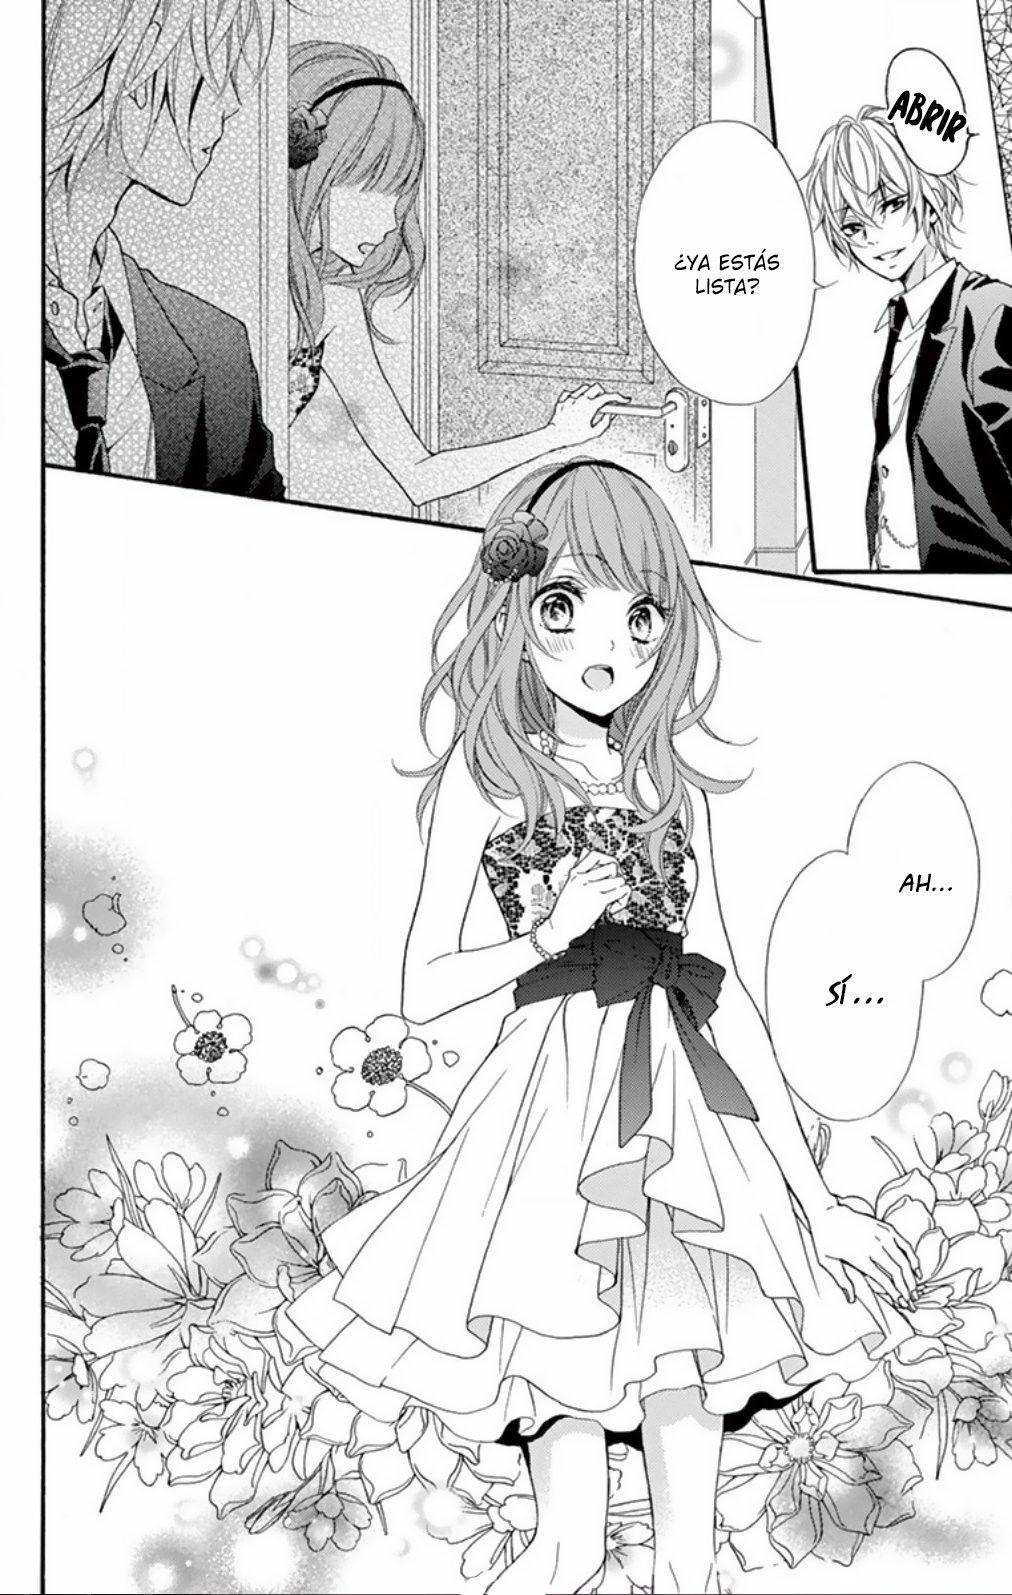 Anime Henti Kawaii Anime Anime Love Anime Art Manga Cute Manga